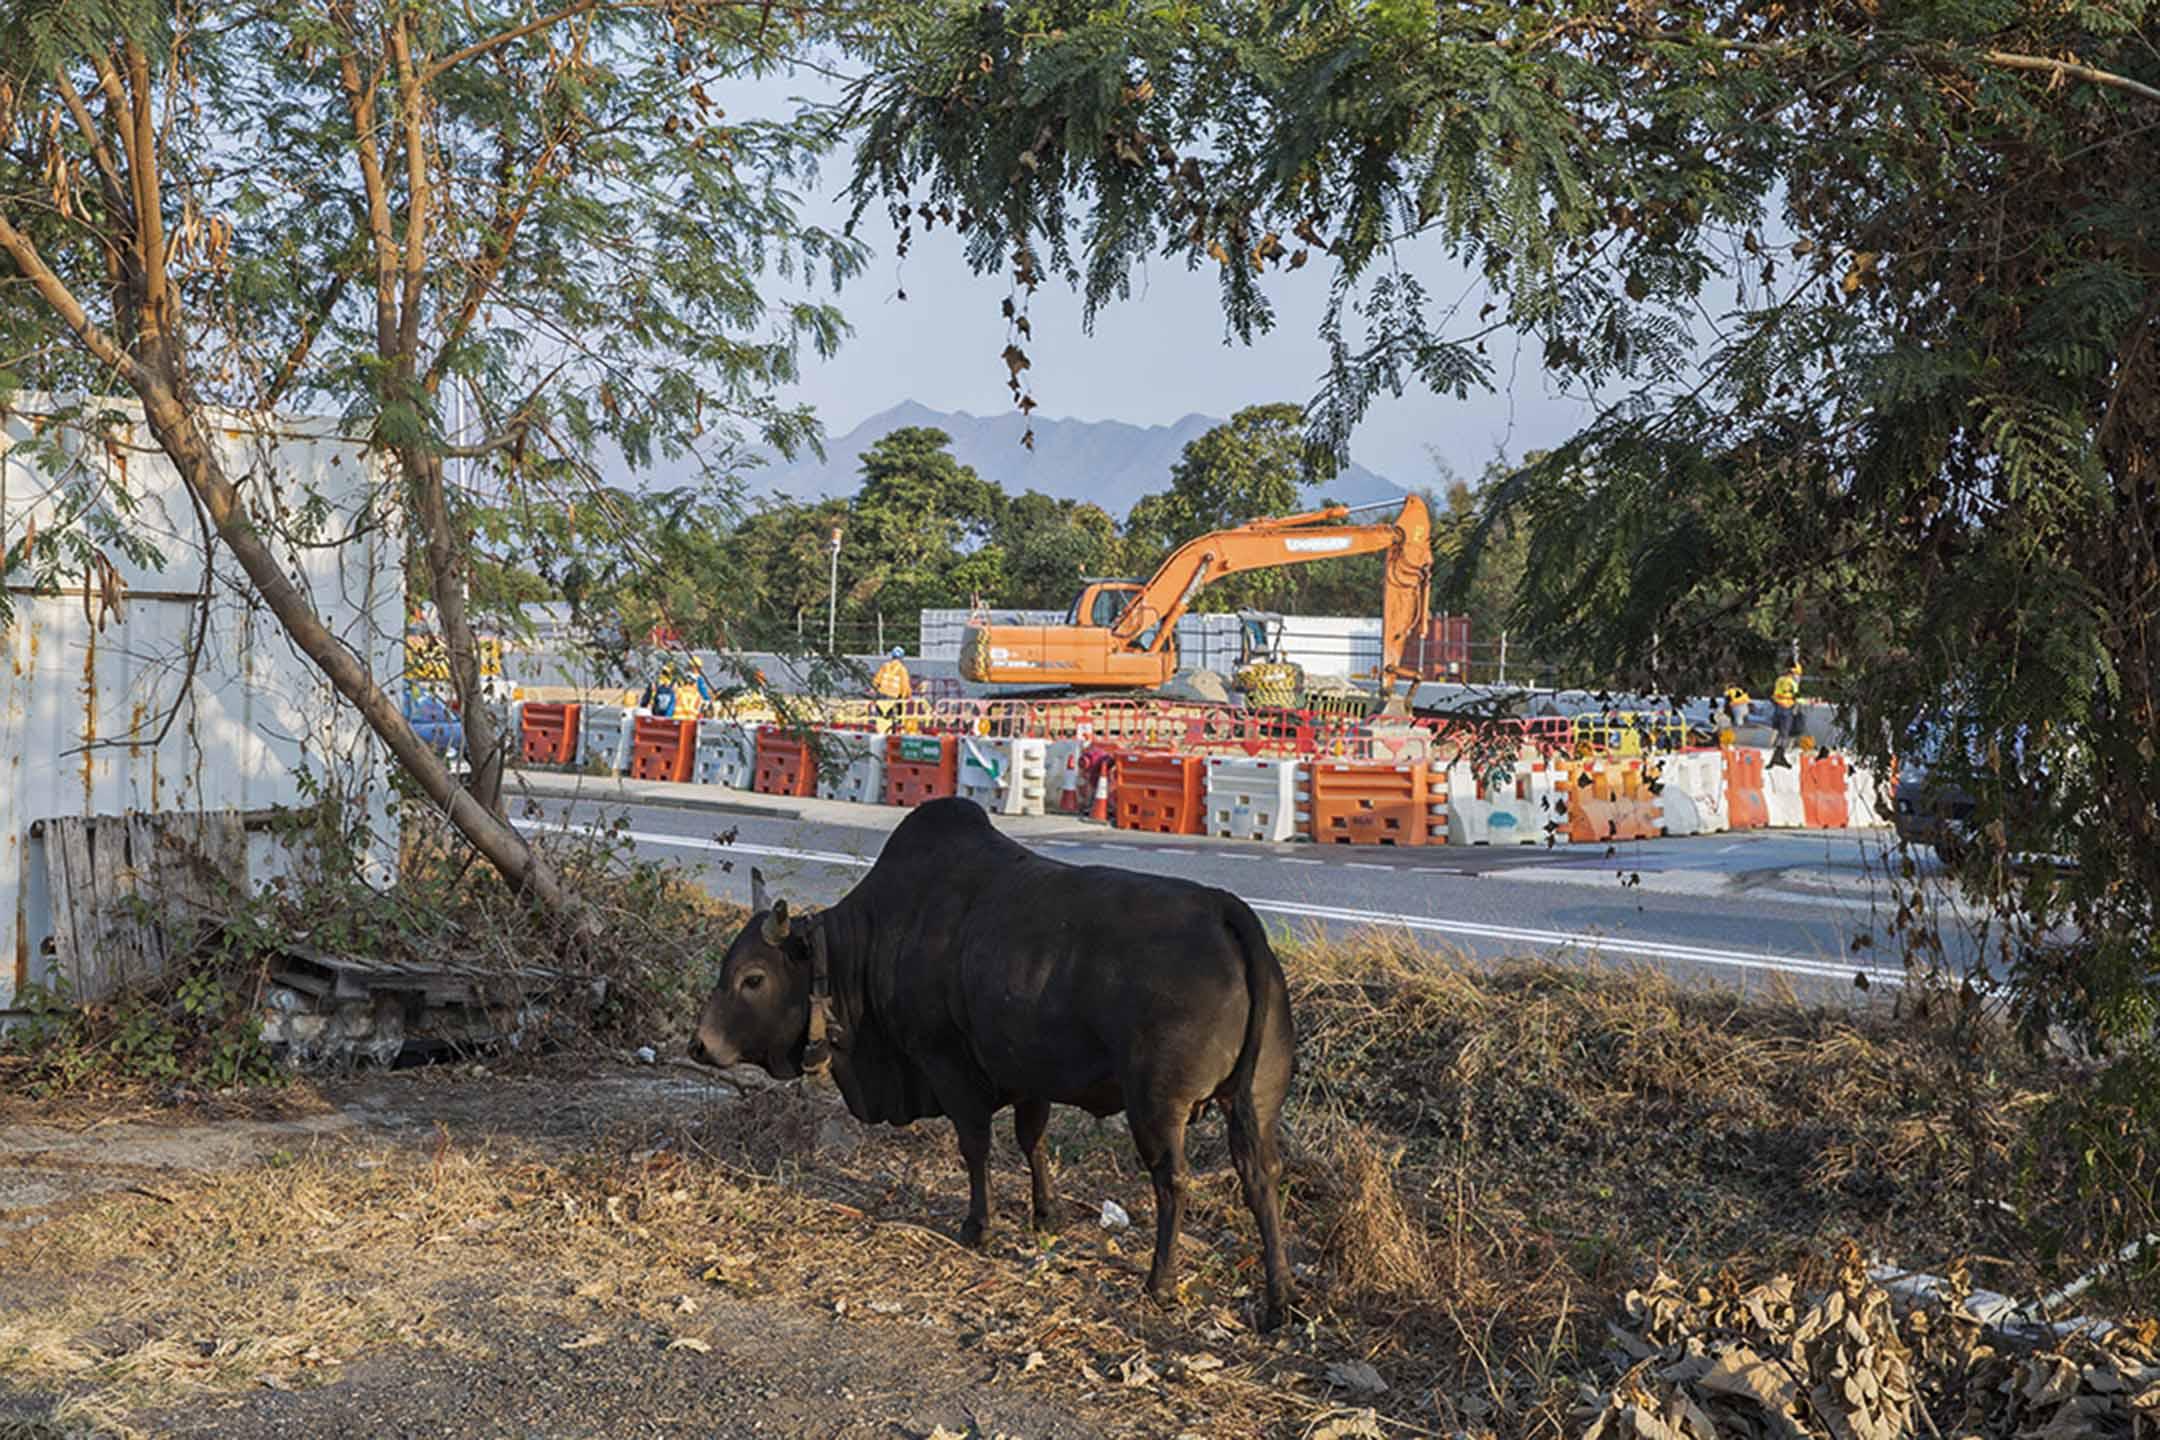 十四鄉十四條村落在西沙路兩旁連在一起,牛群偶爾會橫跨公路過村覓食。